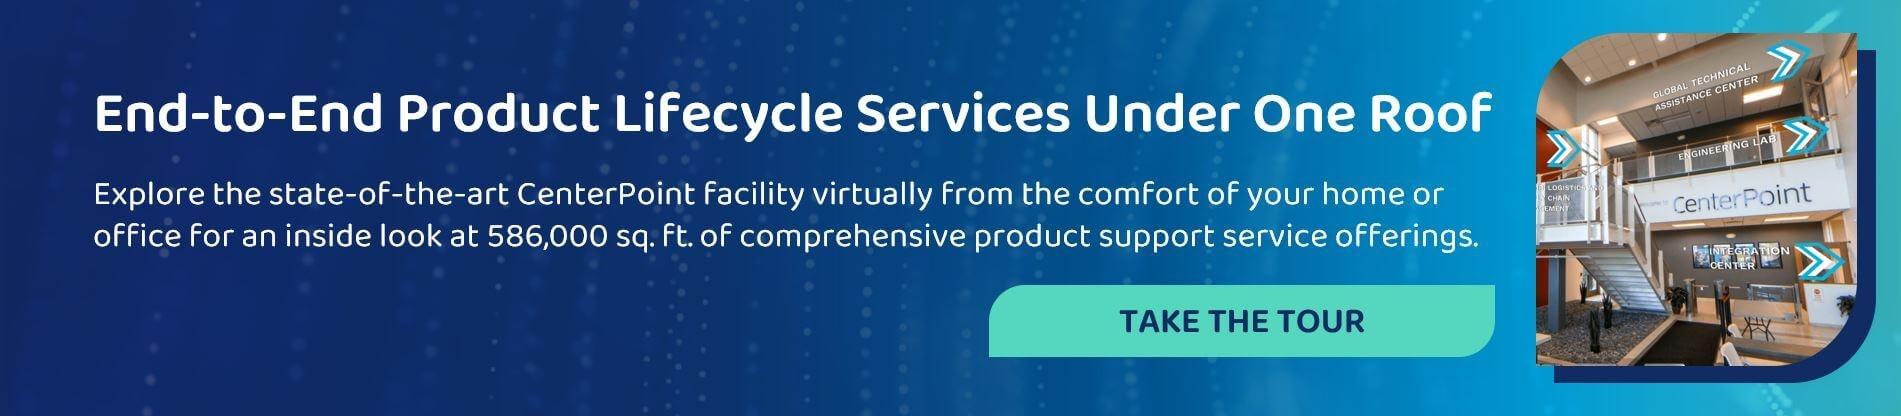 Ohio-Facility-Virtual-Tour-CenterPoint